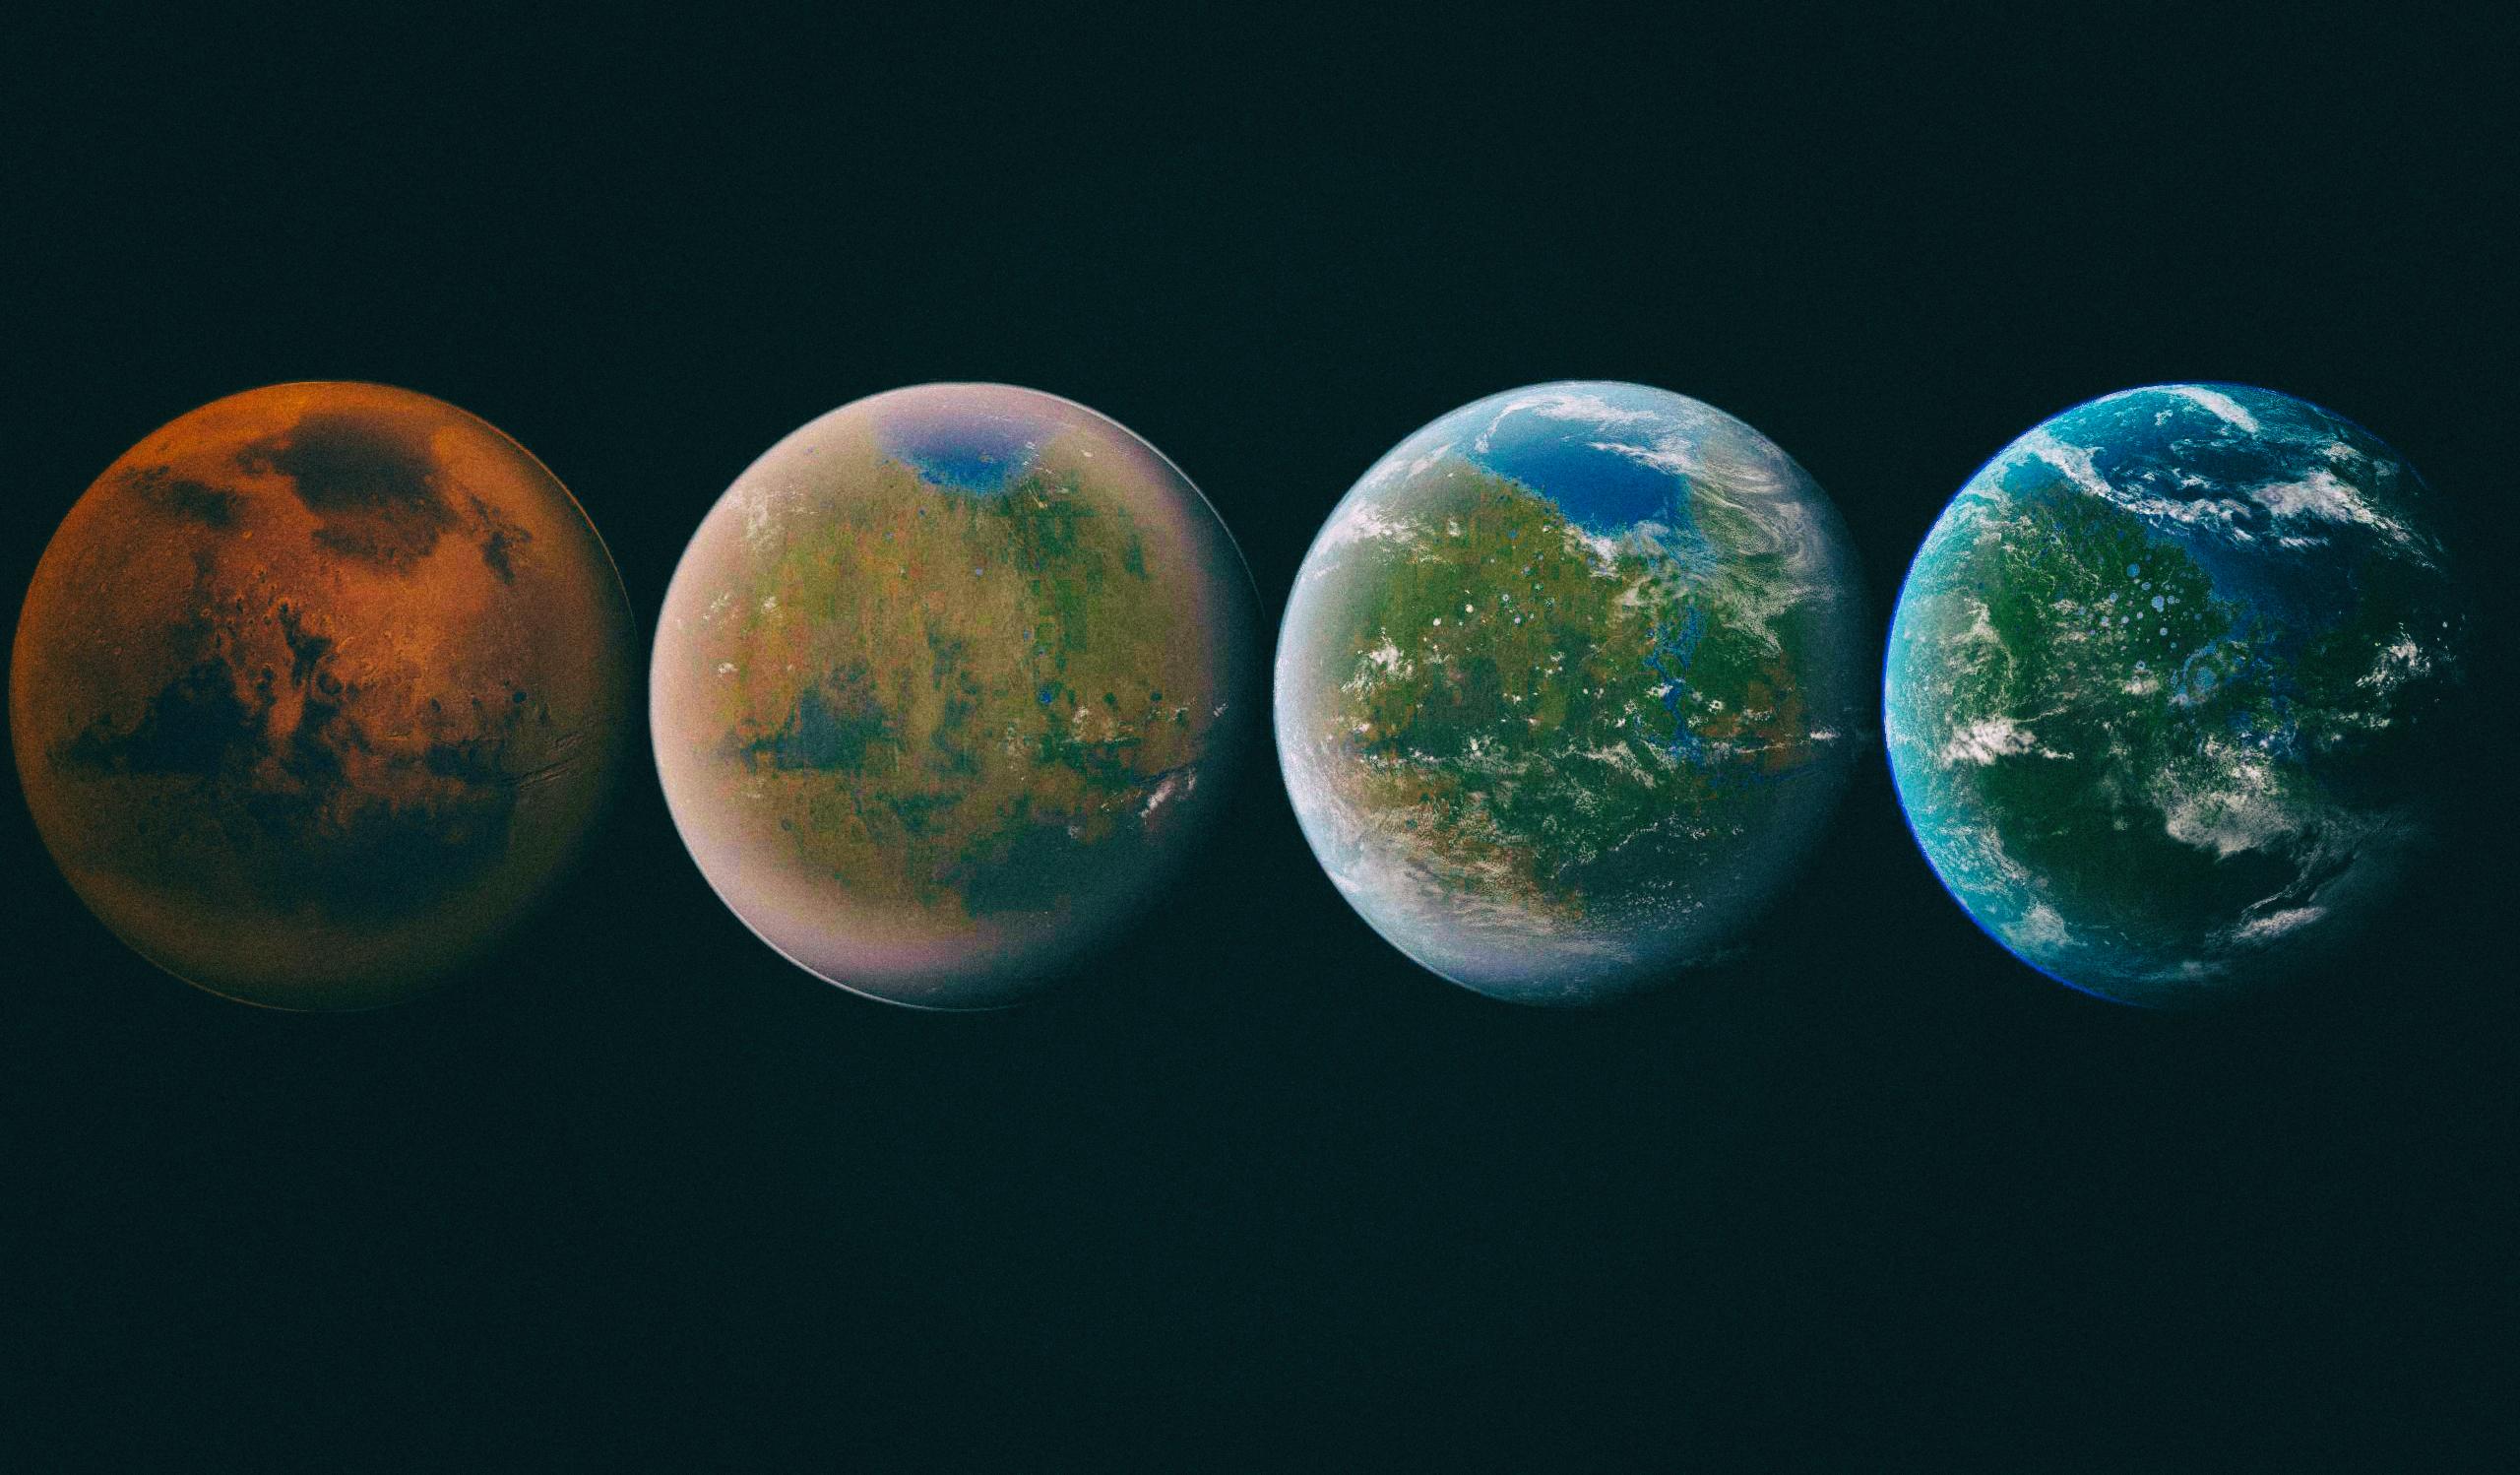 """Ученые: """"Терраформирование чужой планеты - опасная идея"""""""